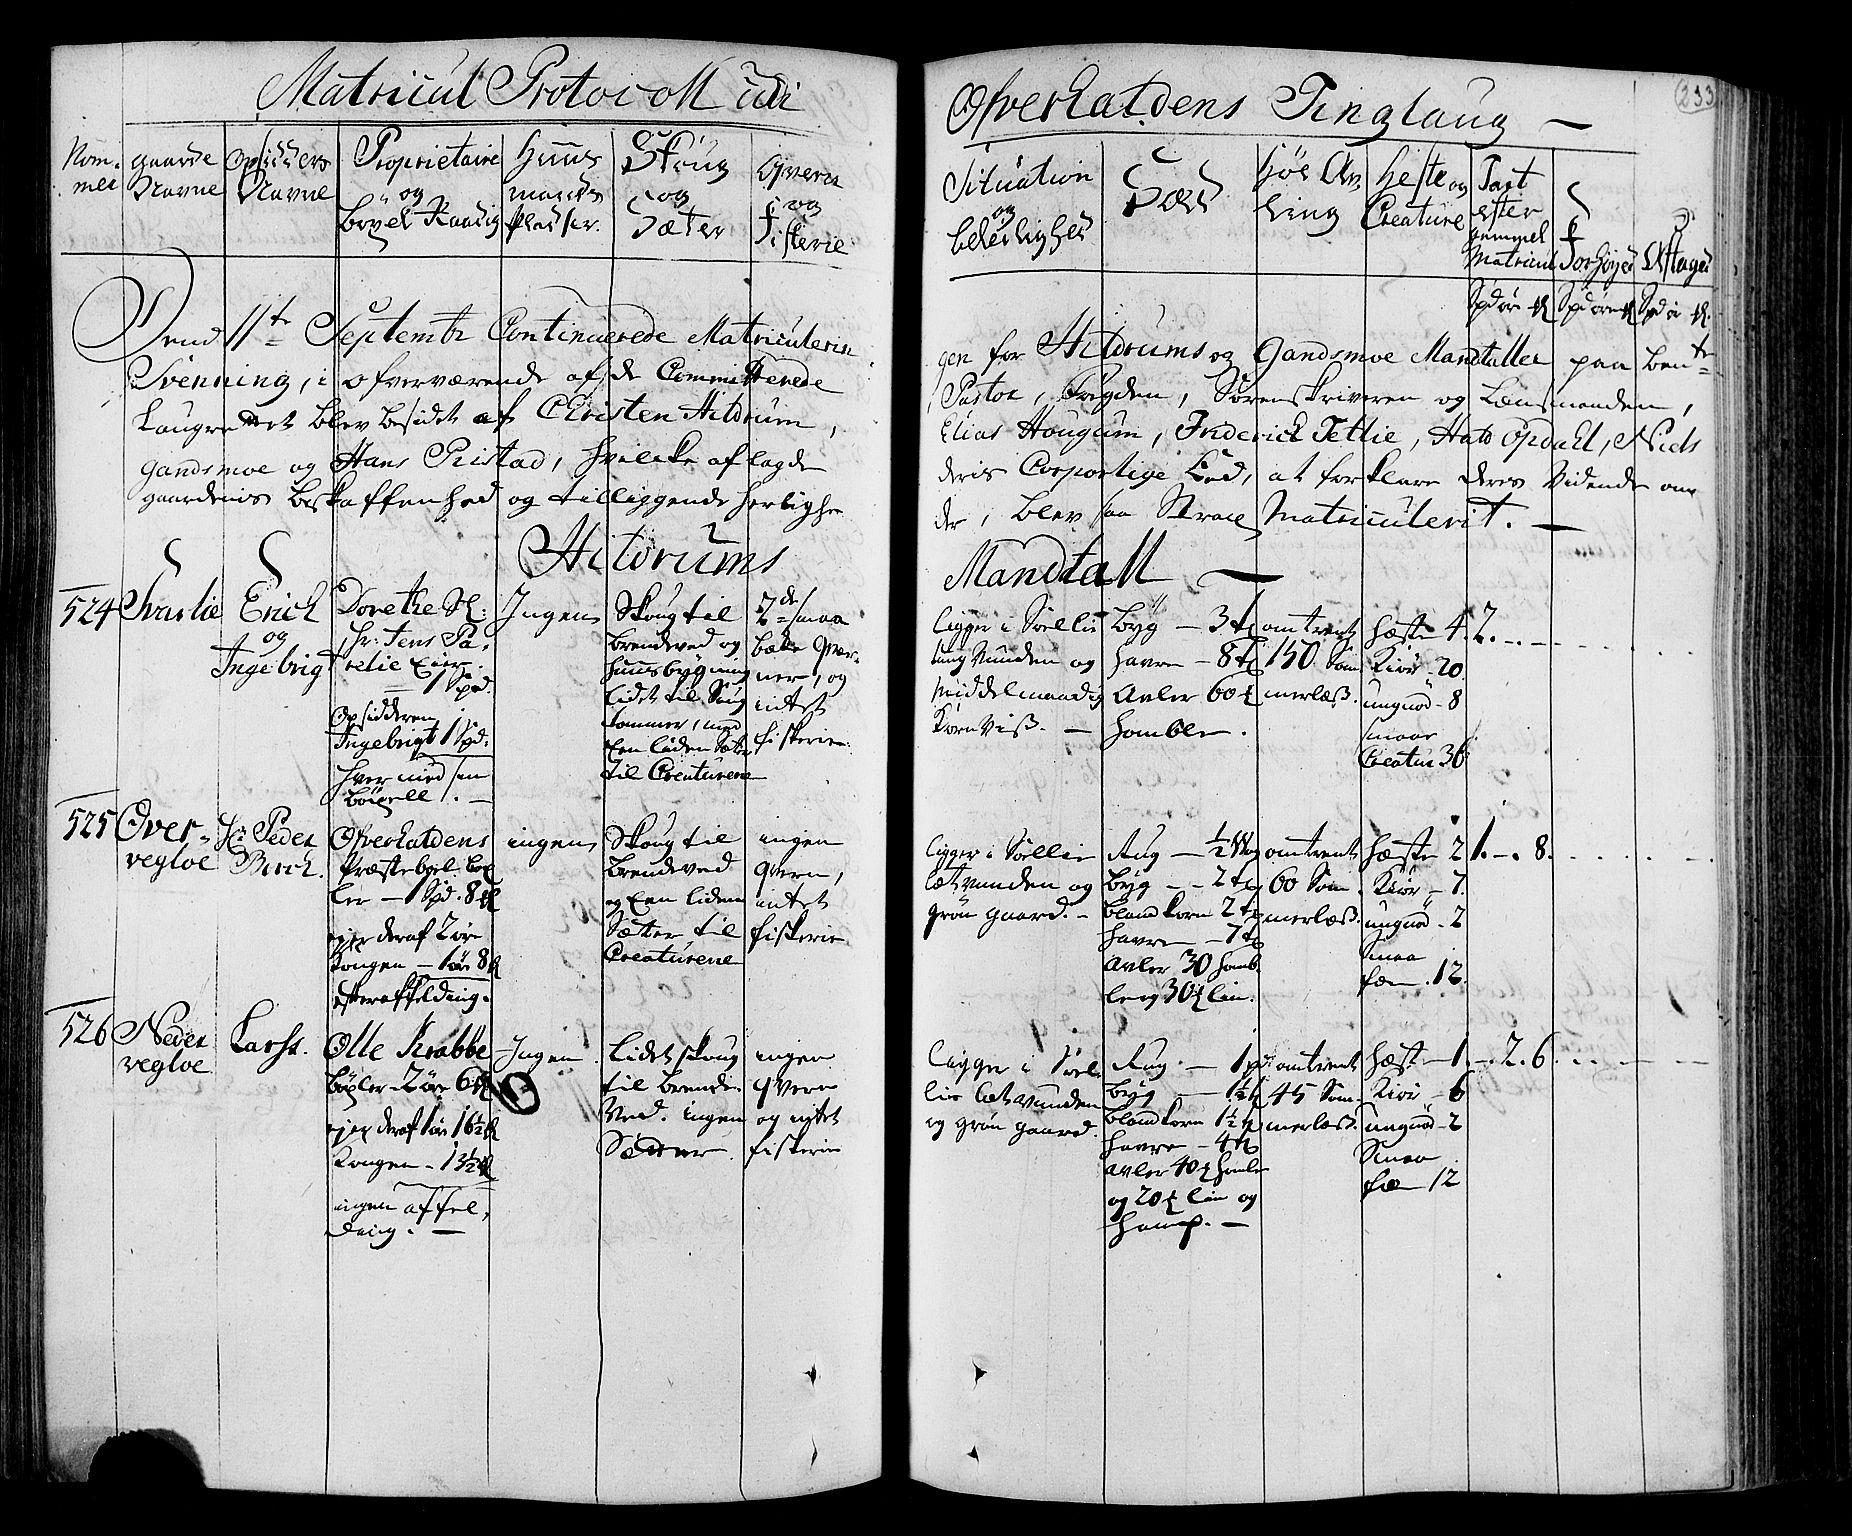 RA, Rentekammeret inntil 1814, Realistisk ordnet avdeling, N/Nb/Nbf/L0168: Namdalen eksaminasjonsprotokoll, 1723, s. 232b-233a